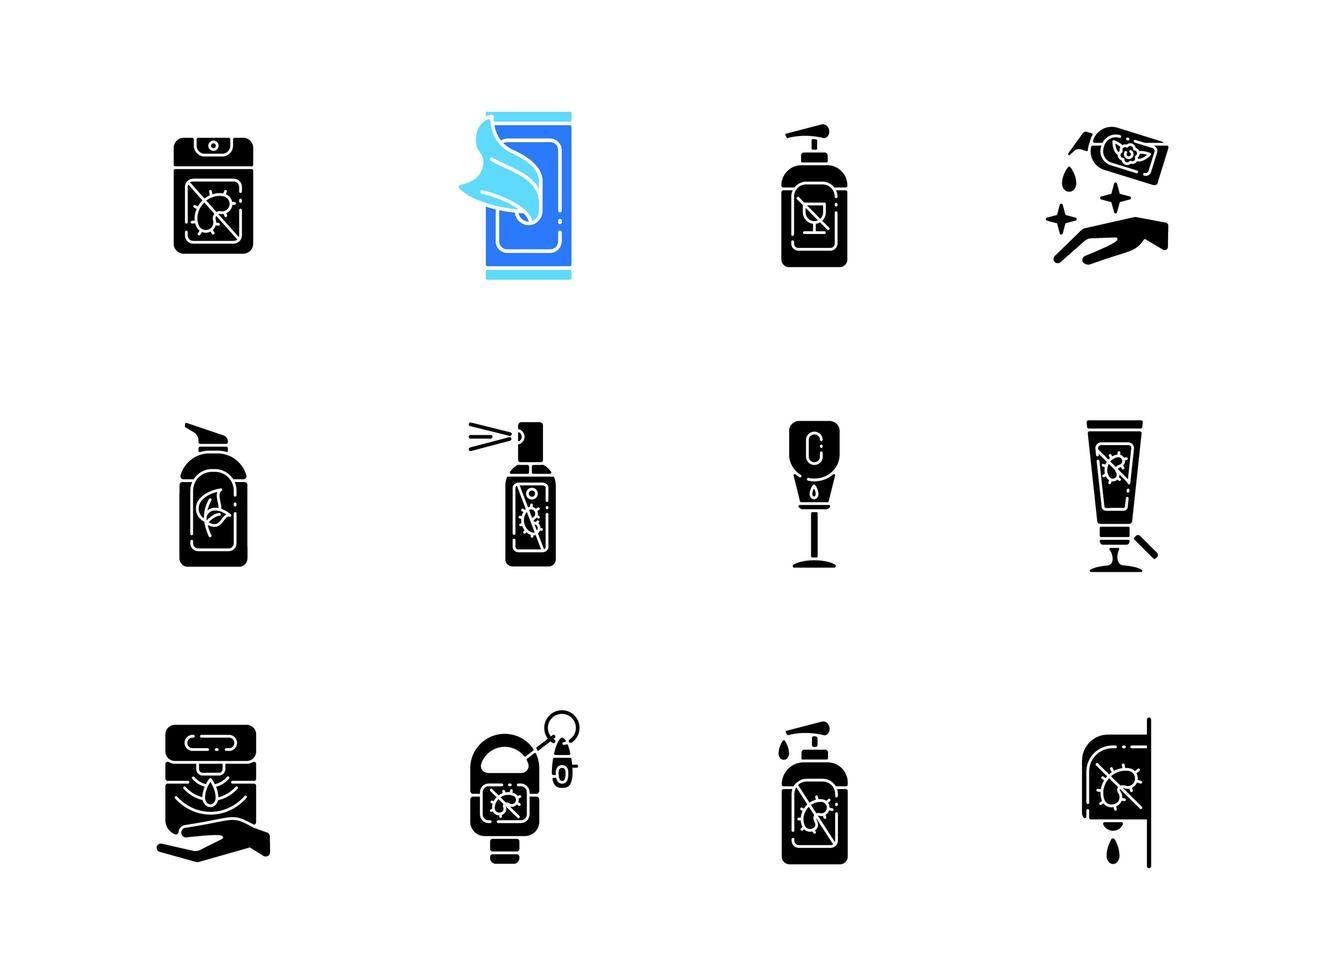 tipos de desinfectantes iconos de glifos negros en espacio en blanco vector